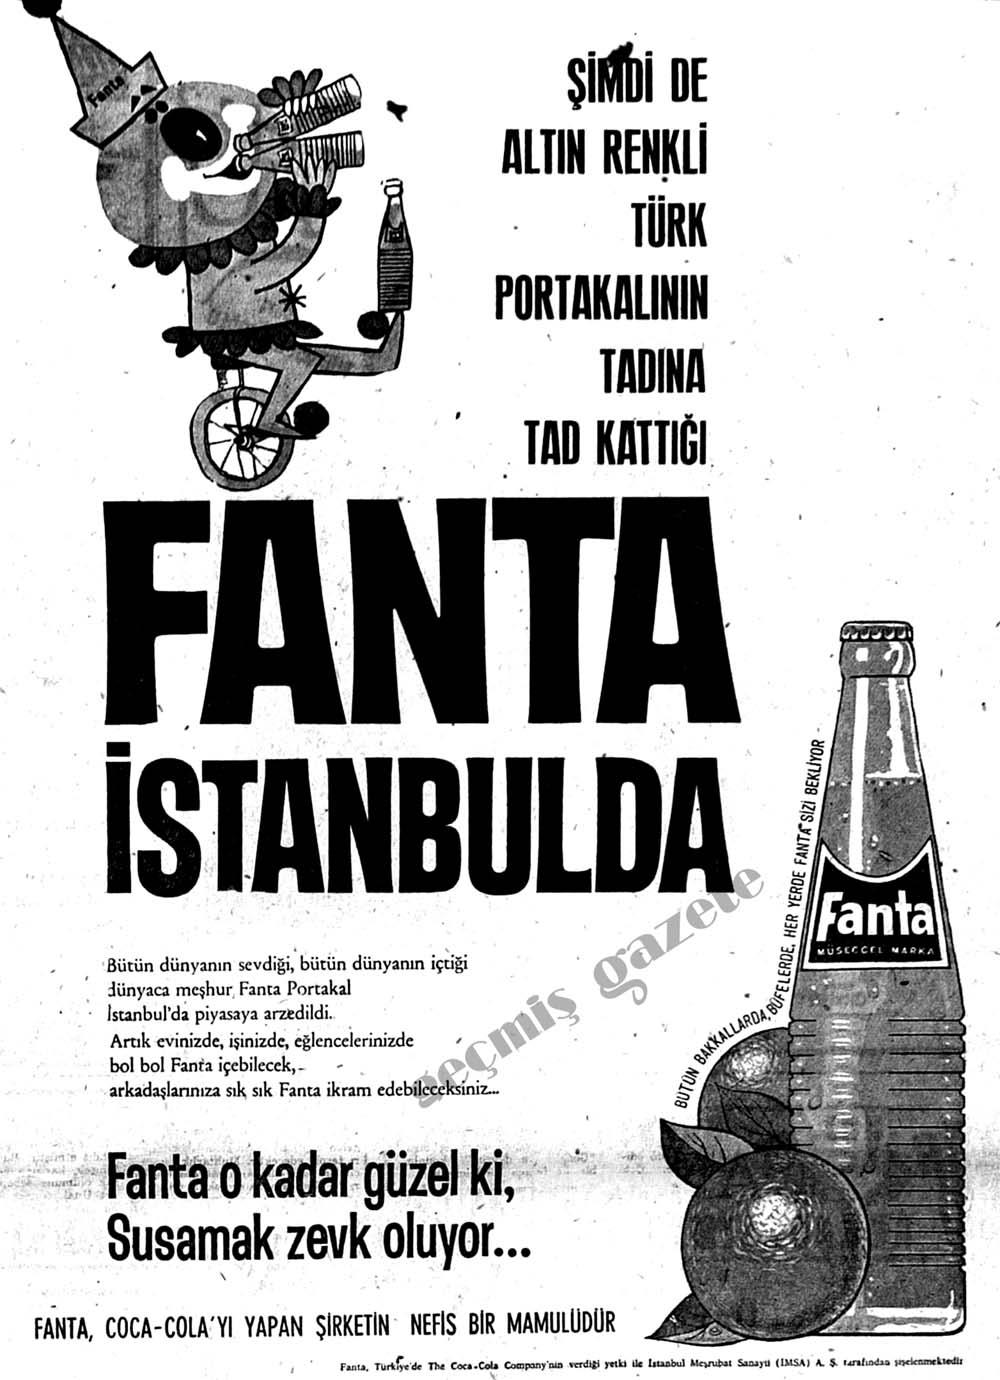 Şimdi de altın renki Türk portakalının tadına tad kattığı Fanta İstanbulda